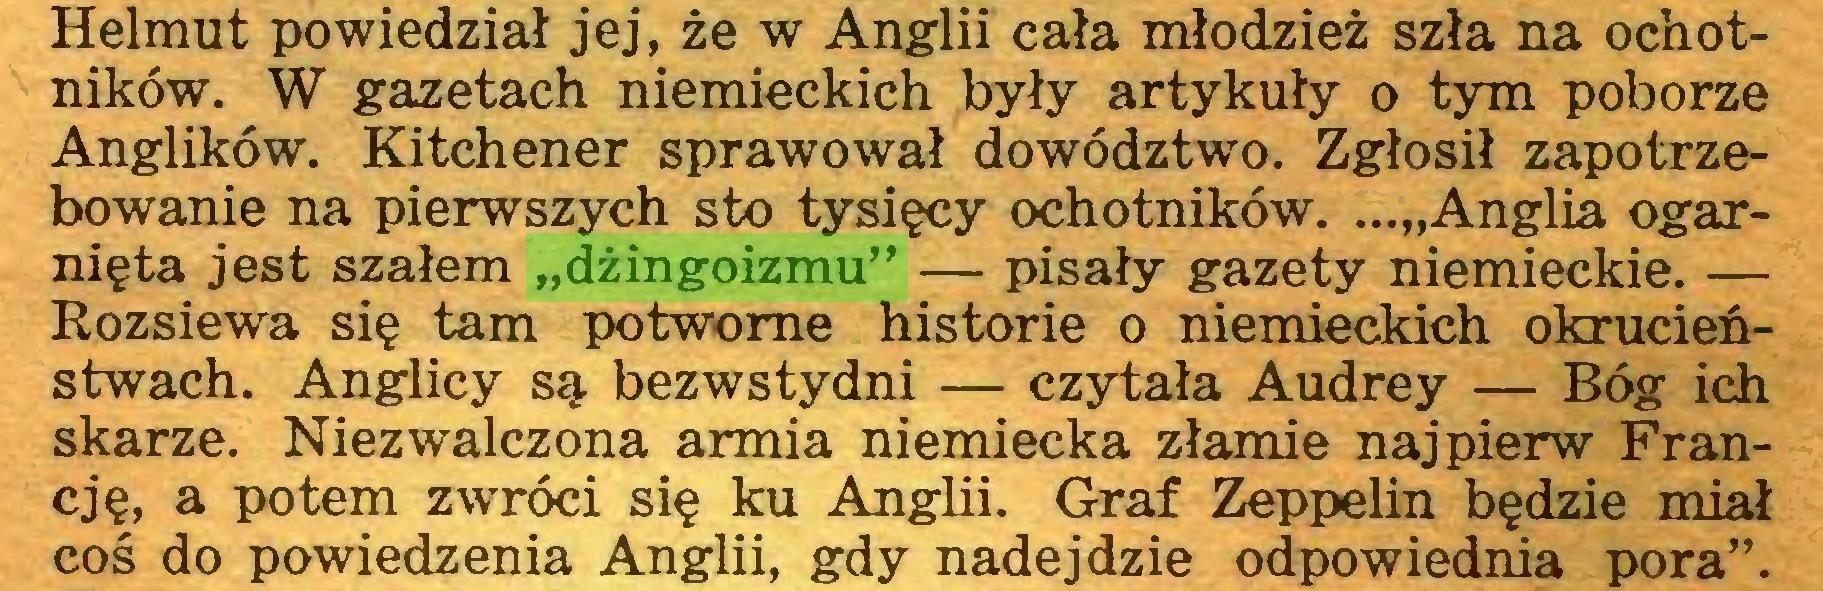 """(...) Helmut powiedział jej, że w Anglii cała młodzież szła na ochotników. W gazetach niemieckich były artykuły o tym poborze Anglików. Kitchener sprawował dowództwo. Zgłosił zapotrzebowanie na pierwszych sto tysięcy ochotników. ...""""Anglia ogarnięta jest szałem """"dżingoizmu"""" — pisały gazety niemieckie. — Rozsiewa się tam potworne historie o niemieckich okrucieństwach. Anglicy są bezwstydni — czytała Audrey — Bóg ich skarżę. Niezwałczona armia niemiecka złamie najpierw Francję, a potem zwróci się ku Anglii. Graf Zeppelin będzie miał coś do powiedzenia Anglii, gdy nadejdzie odpowiednia pora""""..."""